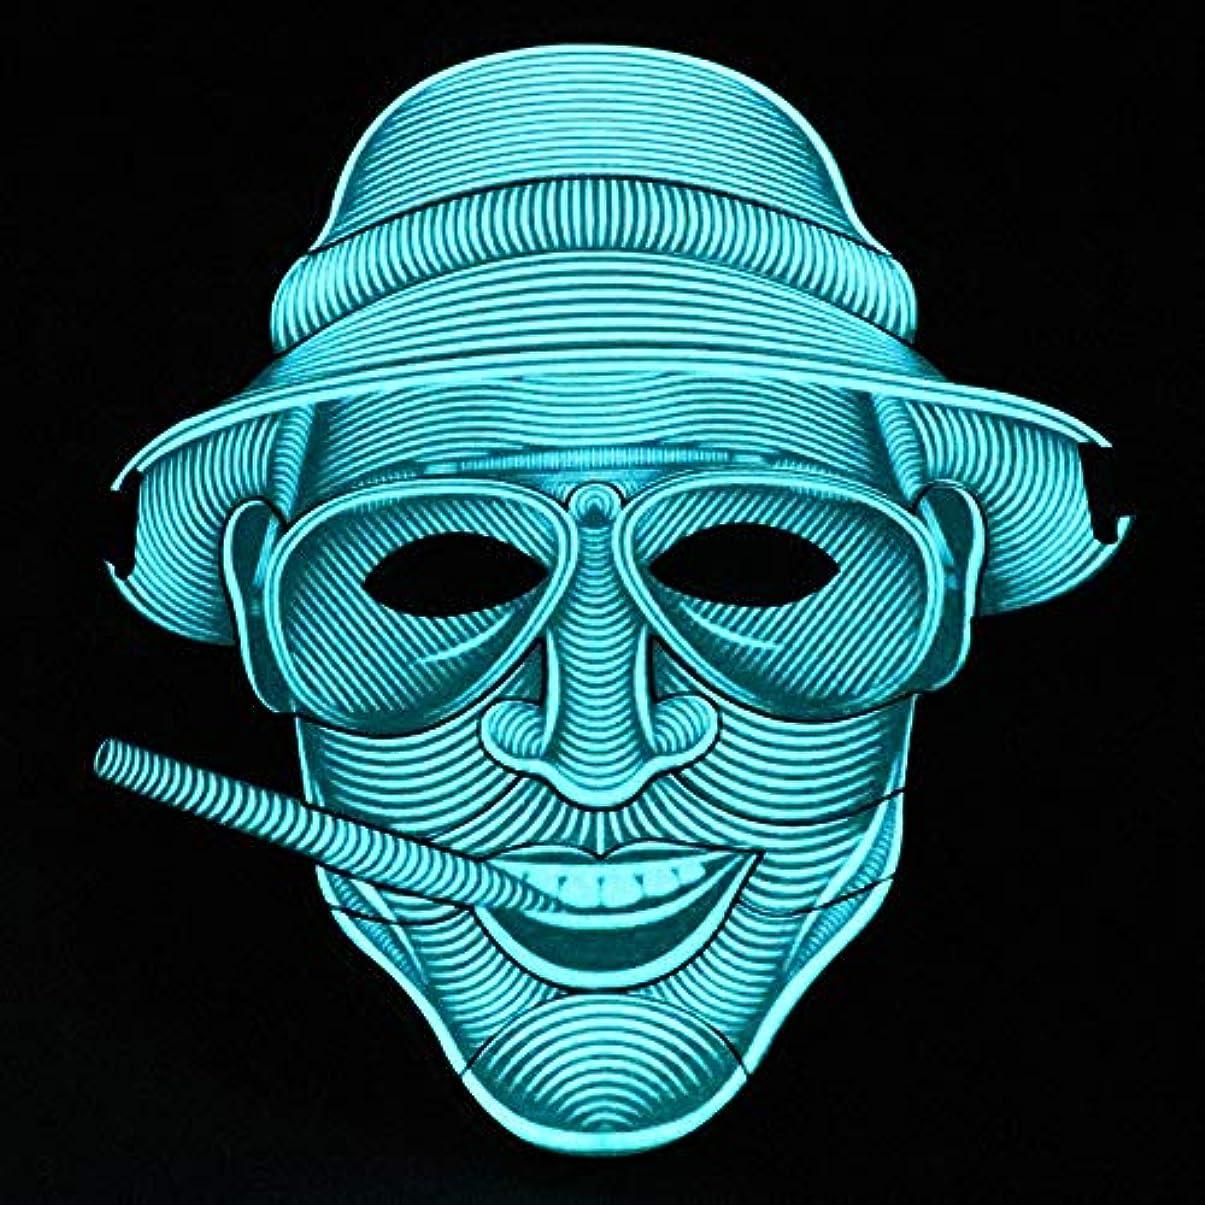 傾向学生ヒール照らされたマスクLED創造的な冷光音響制御マスクハロウィンバーフェスティバルダンスマスク (Color : #17)